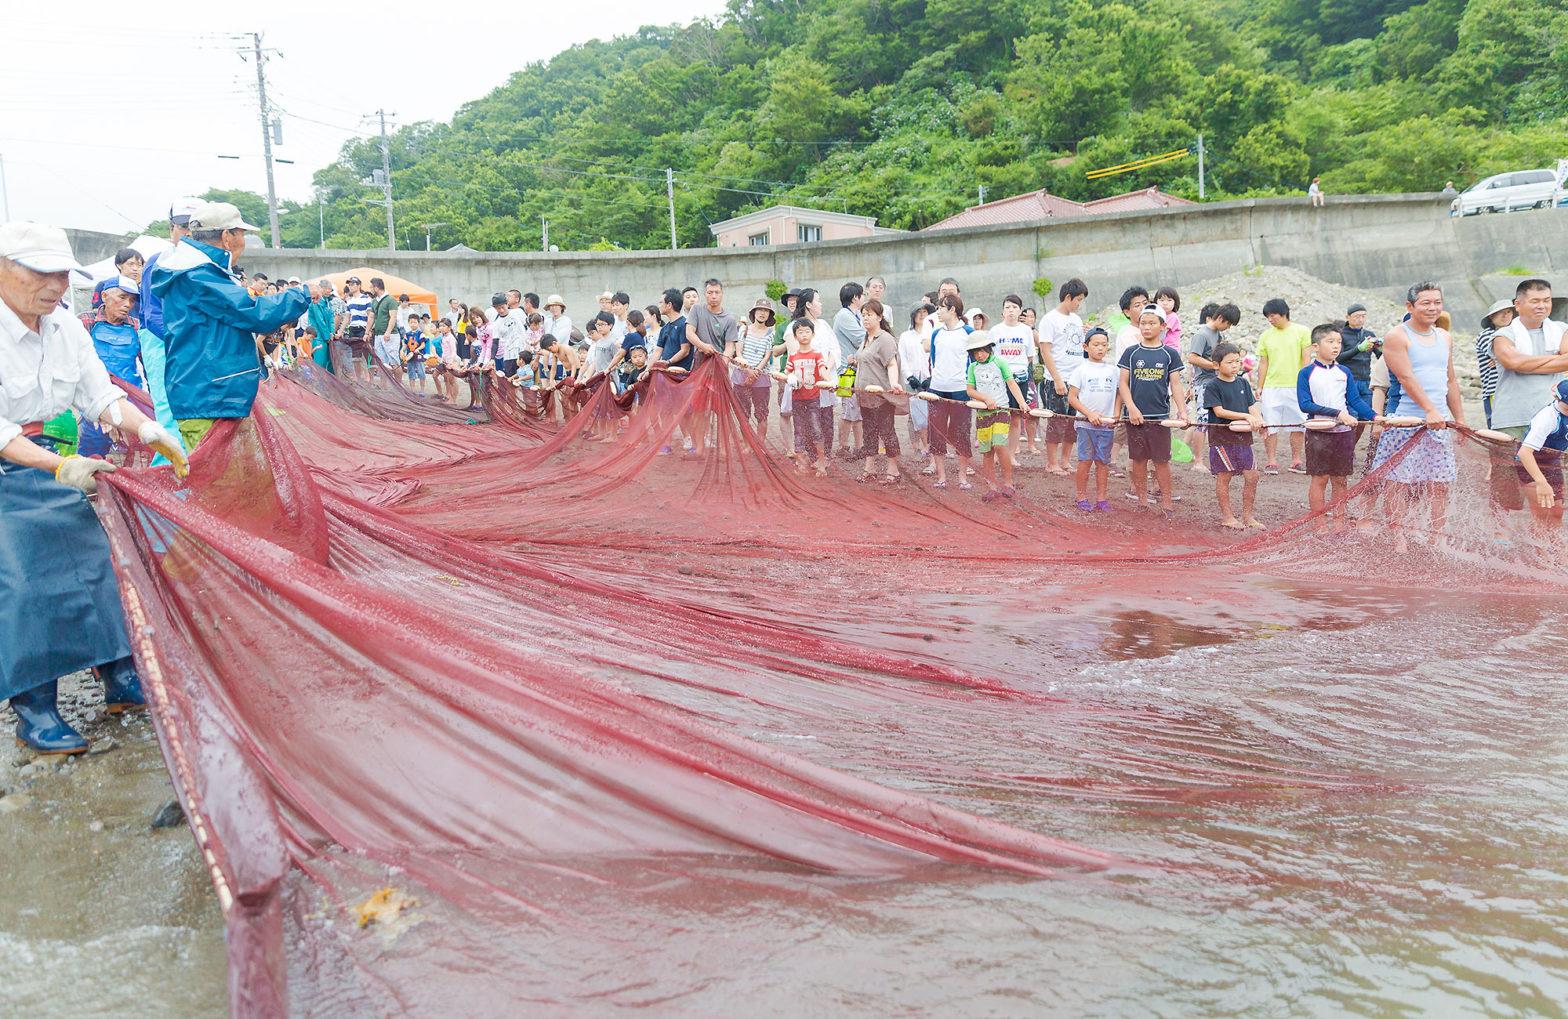 Ishibu Onsen Giant Dragnet Festival